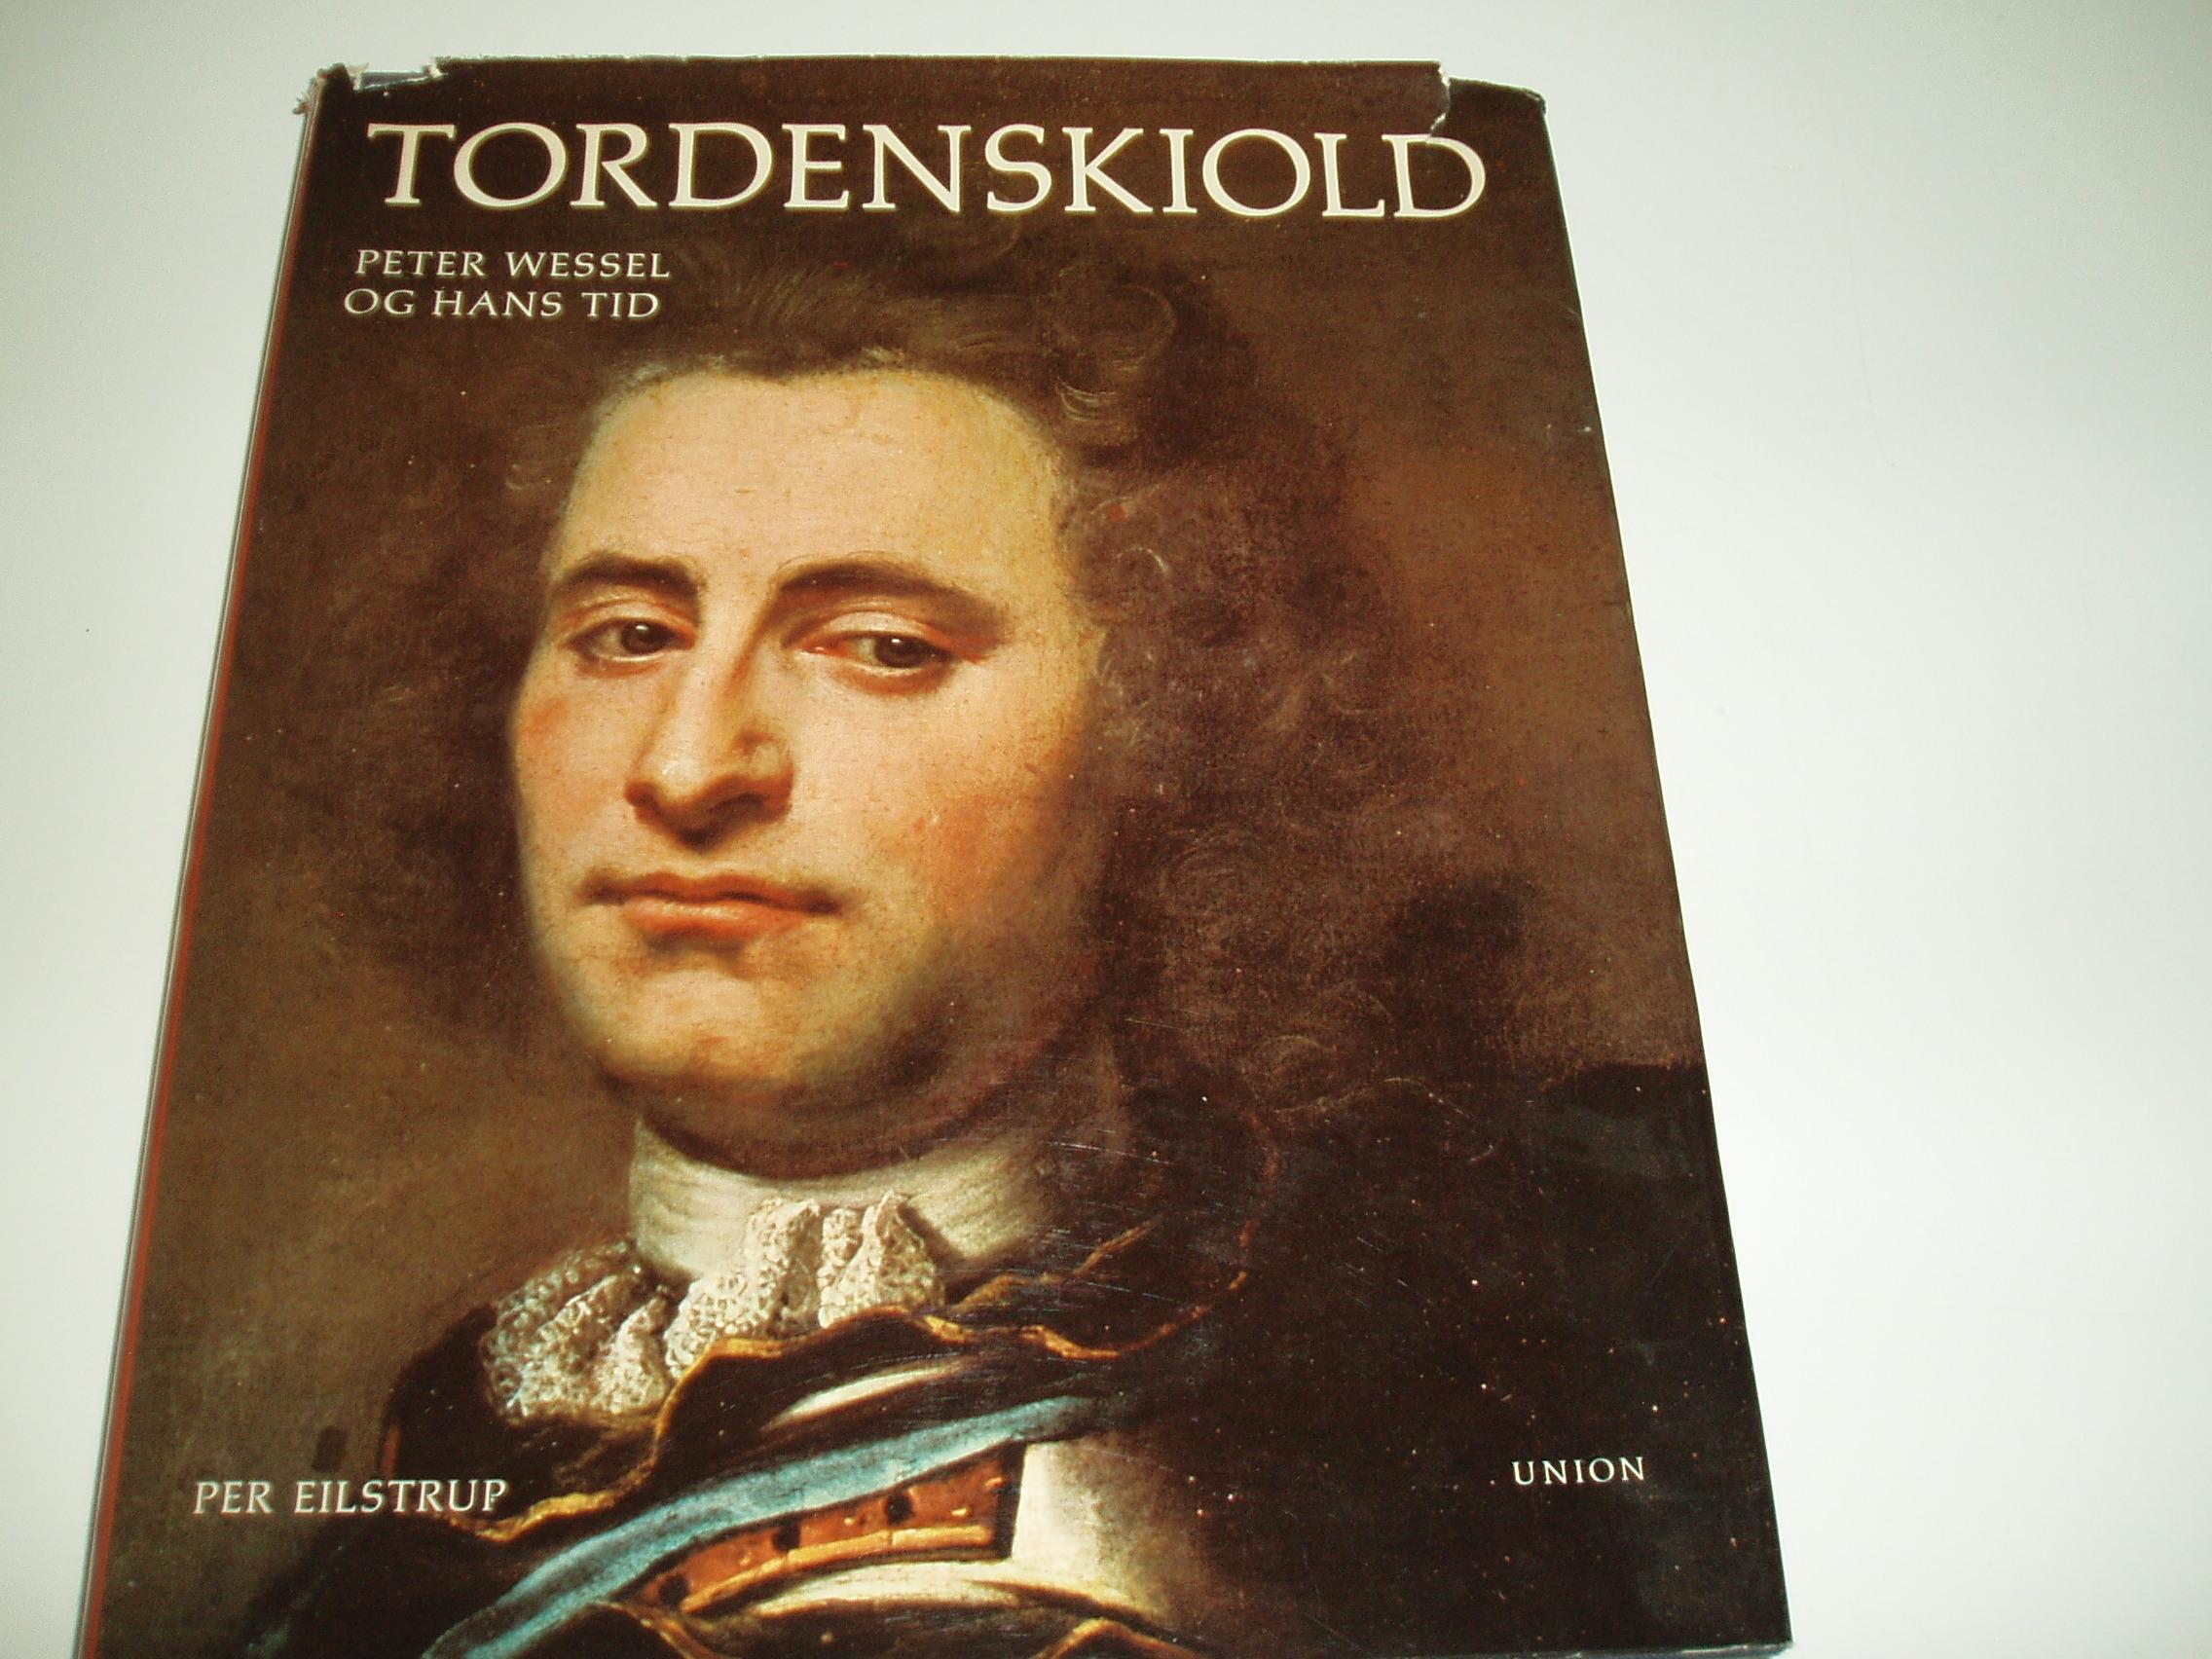 Tordenskiold. Peter Wessel og hans tid